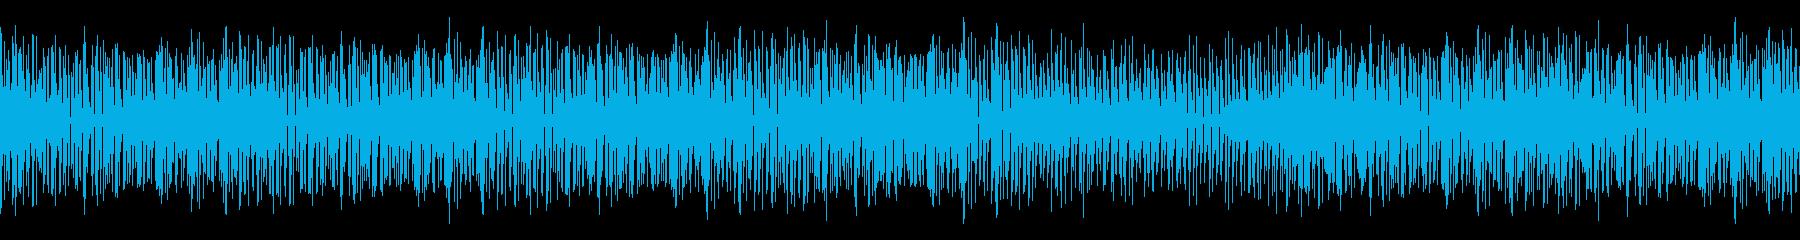 【ループ版】YouTube口笛ウクレレの再生済みの波形